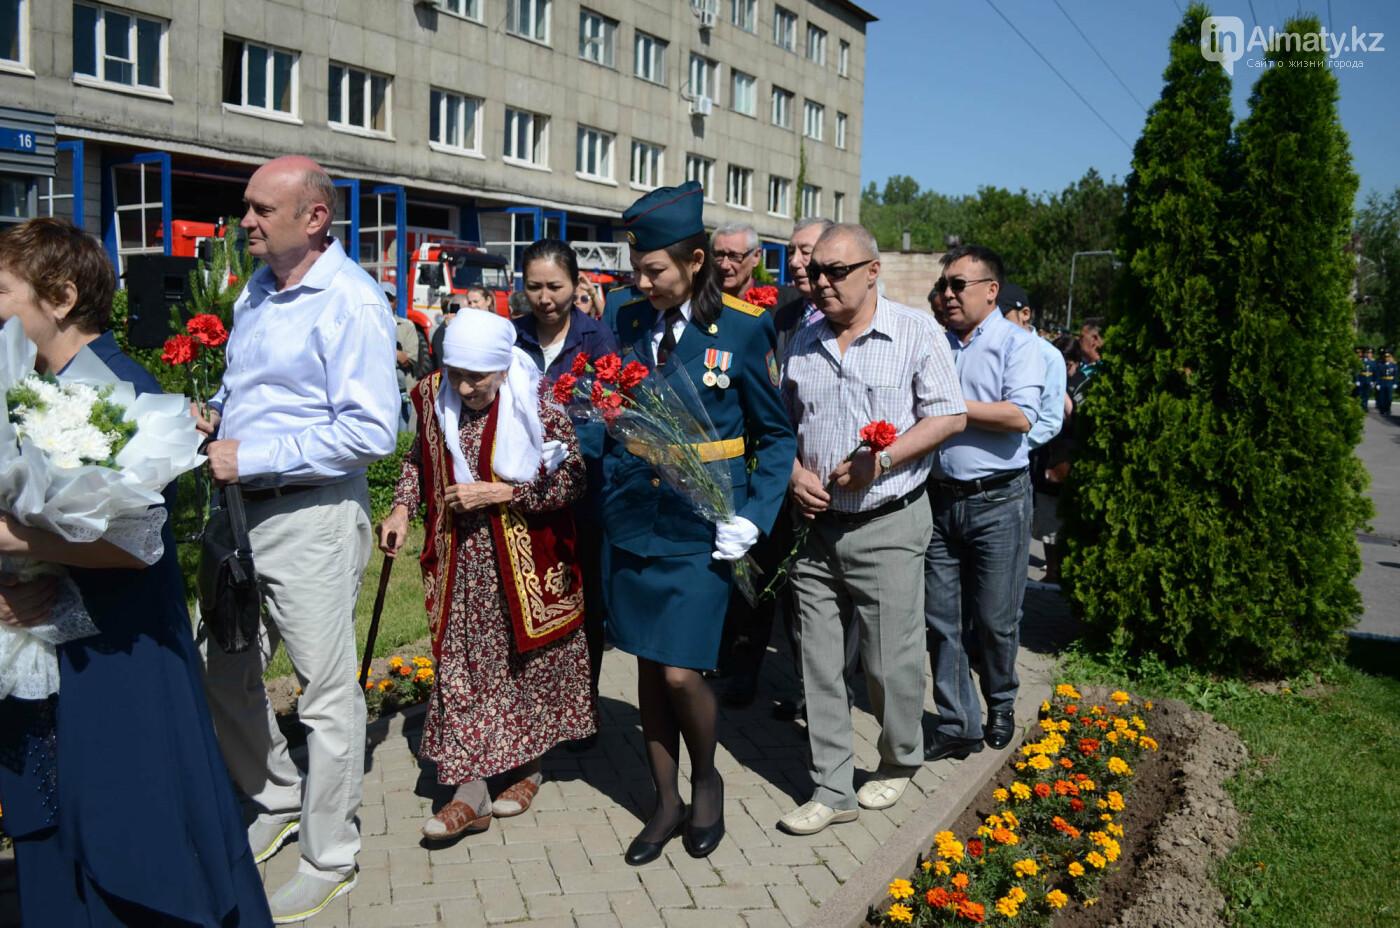 В Алматы почтили память пожарных героически погибших 30 лет назад , фото-13